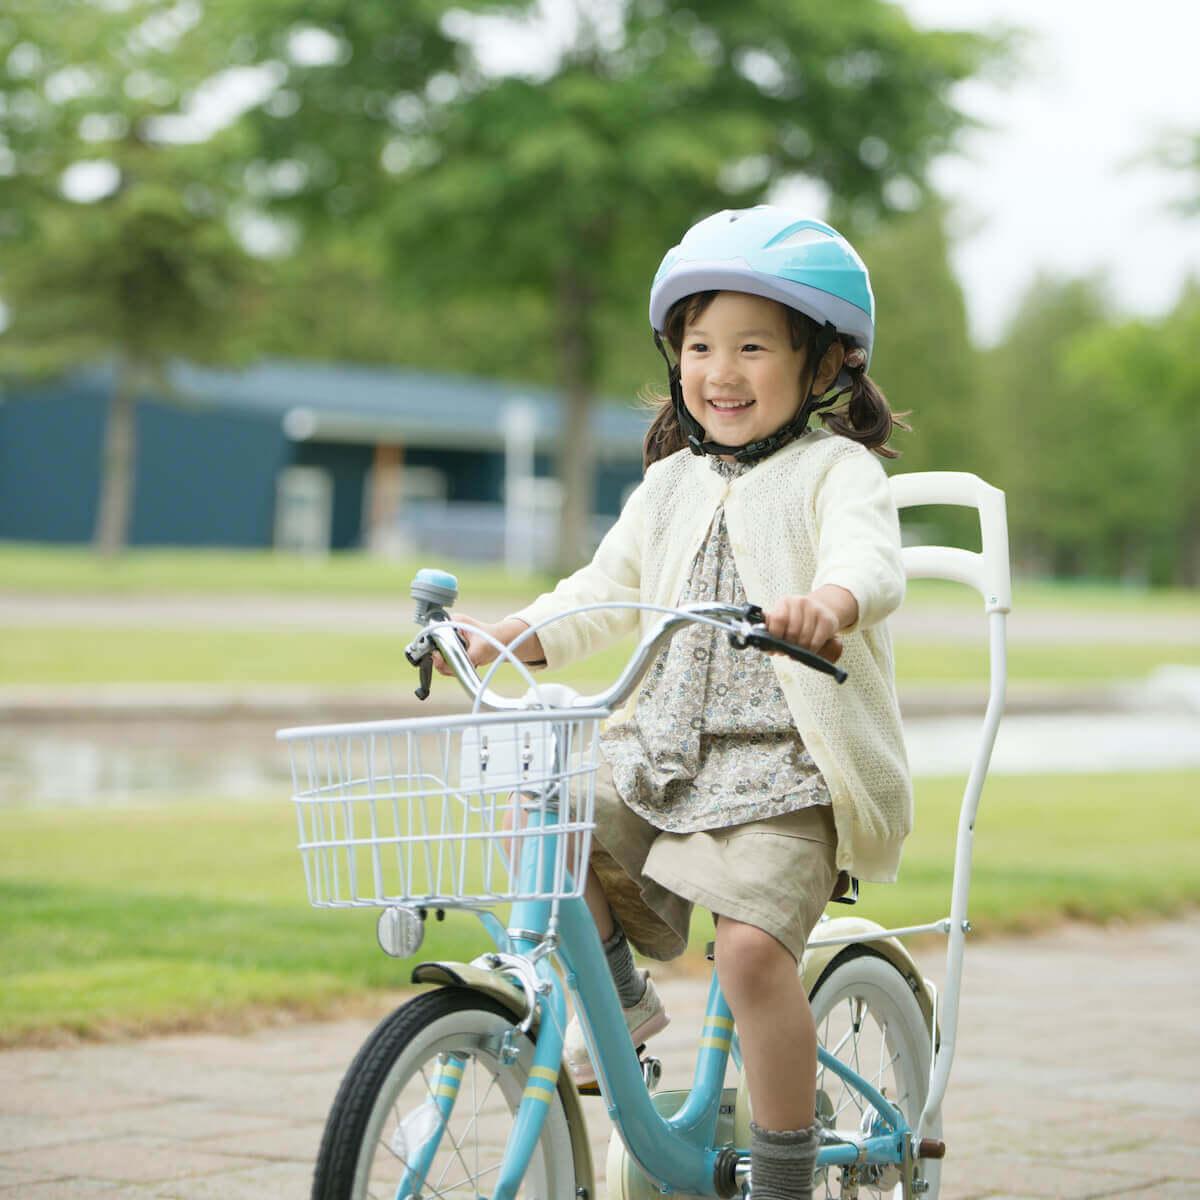 自転車の種類13種の特徴まとめ|自転車選びの参考にしよう